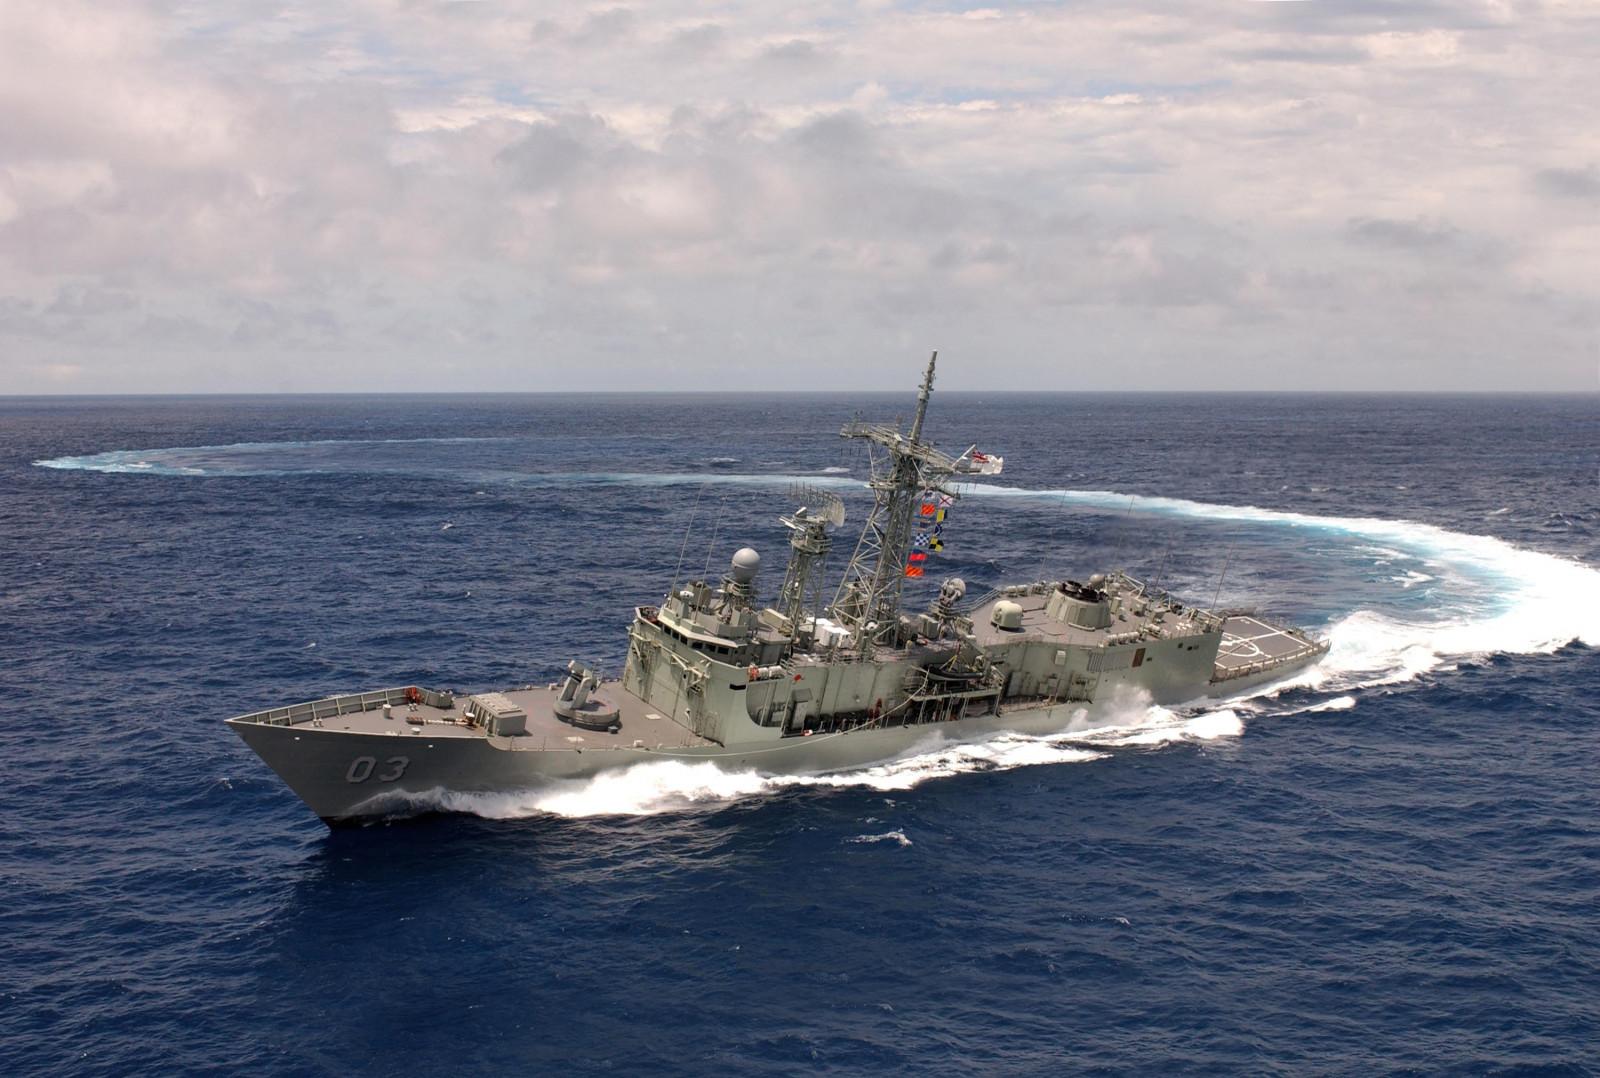 Военные корабли фотографии красивые, именным поздравлением днем